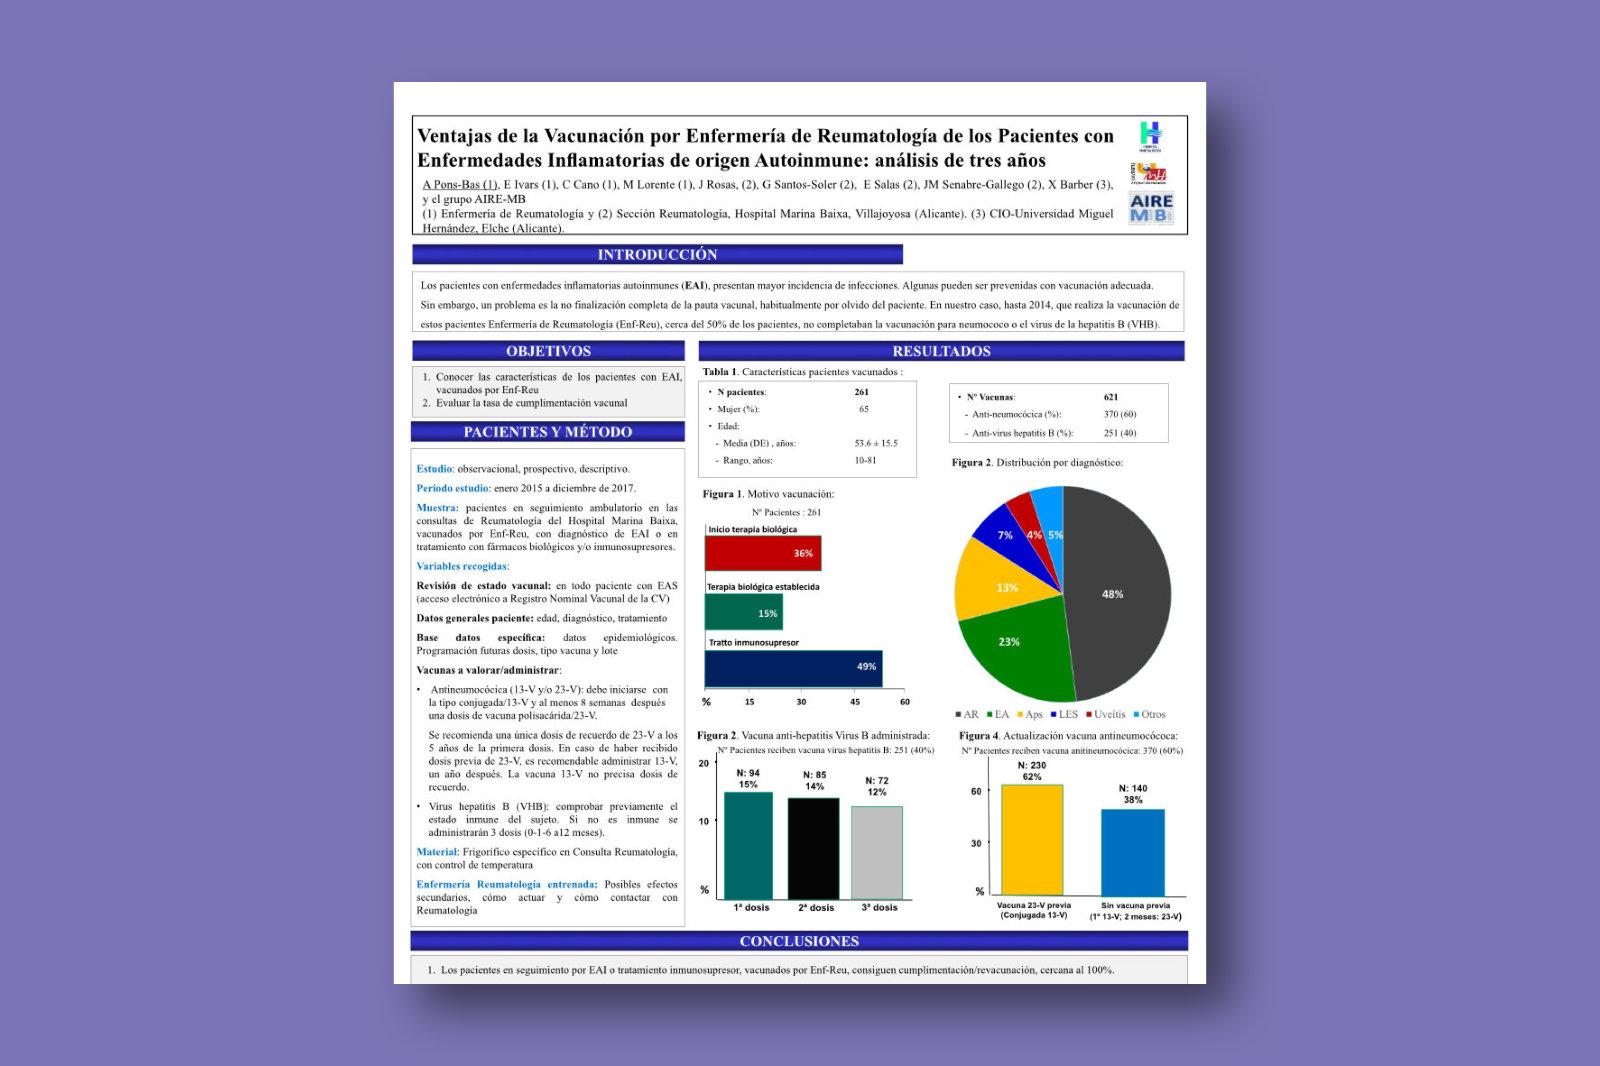 Ventajas de la vacunación por Enfermería de Reumatología de los pacientes con enfermedades reumáticas inflamatorias de origen autoinmune. Análisis de los 3 primeros años